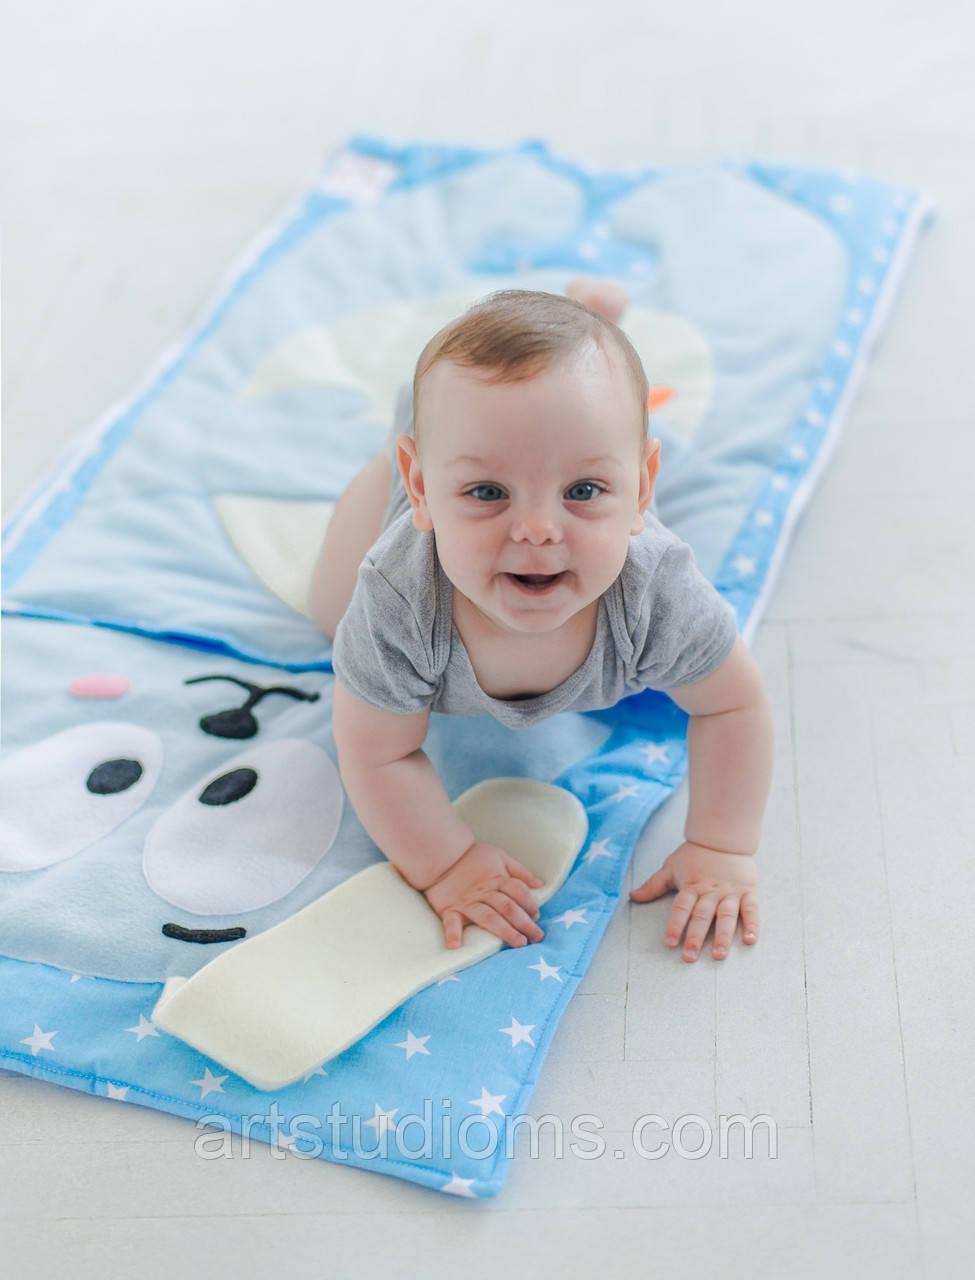 Комплект детского постельного белья слипик Зайка, размер L, 170х70 см, для деток до 8 лет